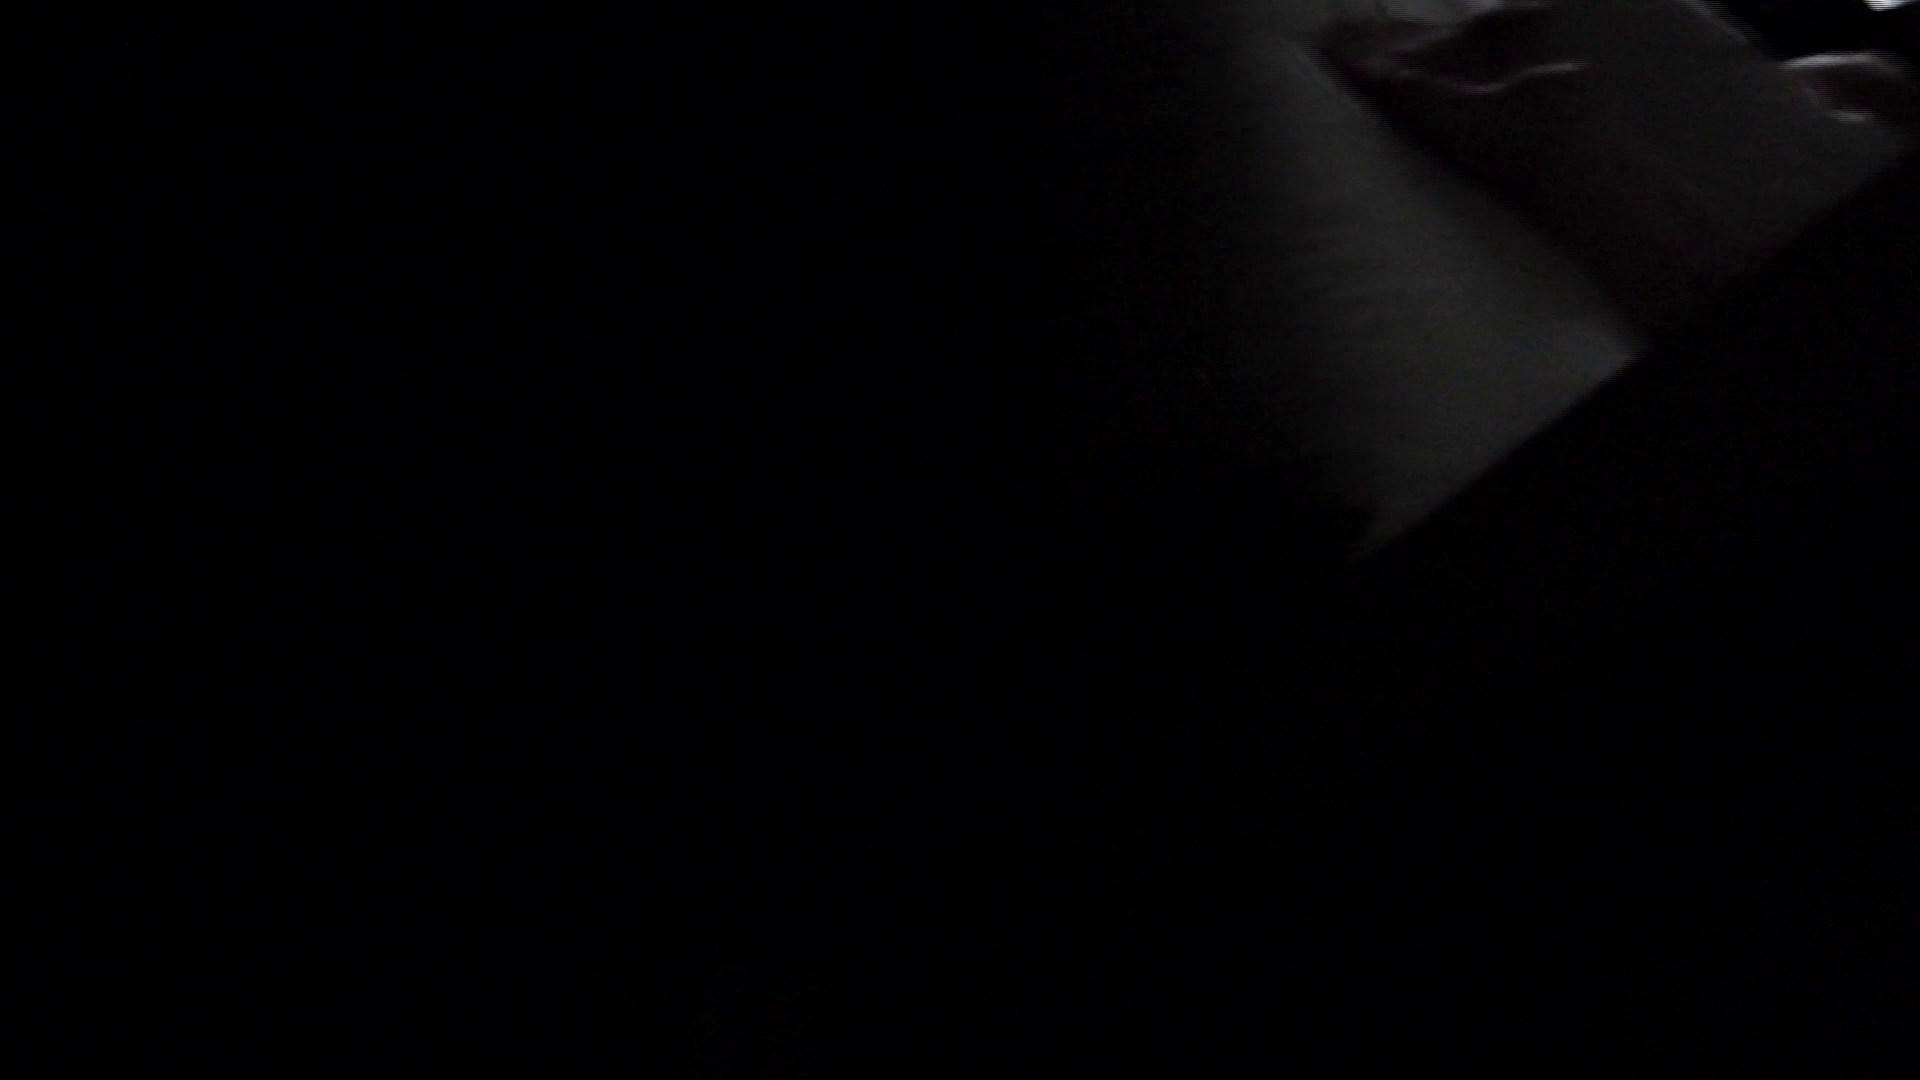 ヒトニアラヅNo.01 侵入 ギャル エロ無料画像 81連発 23